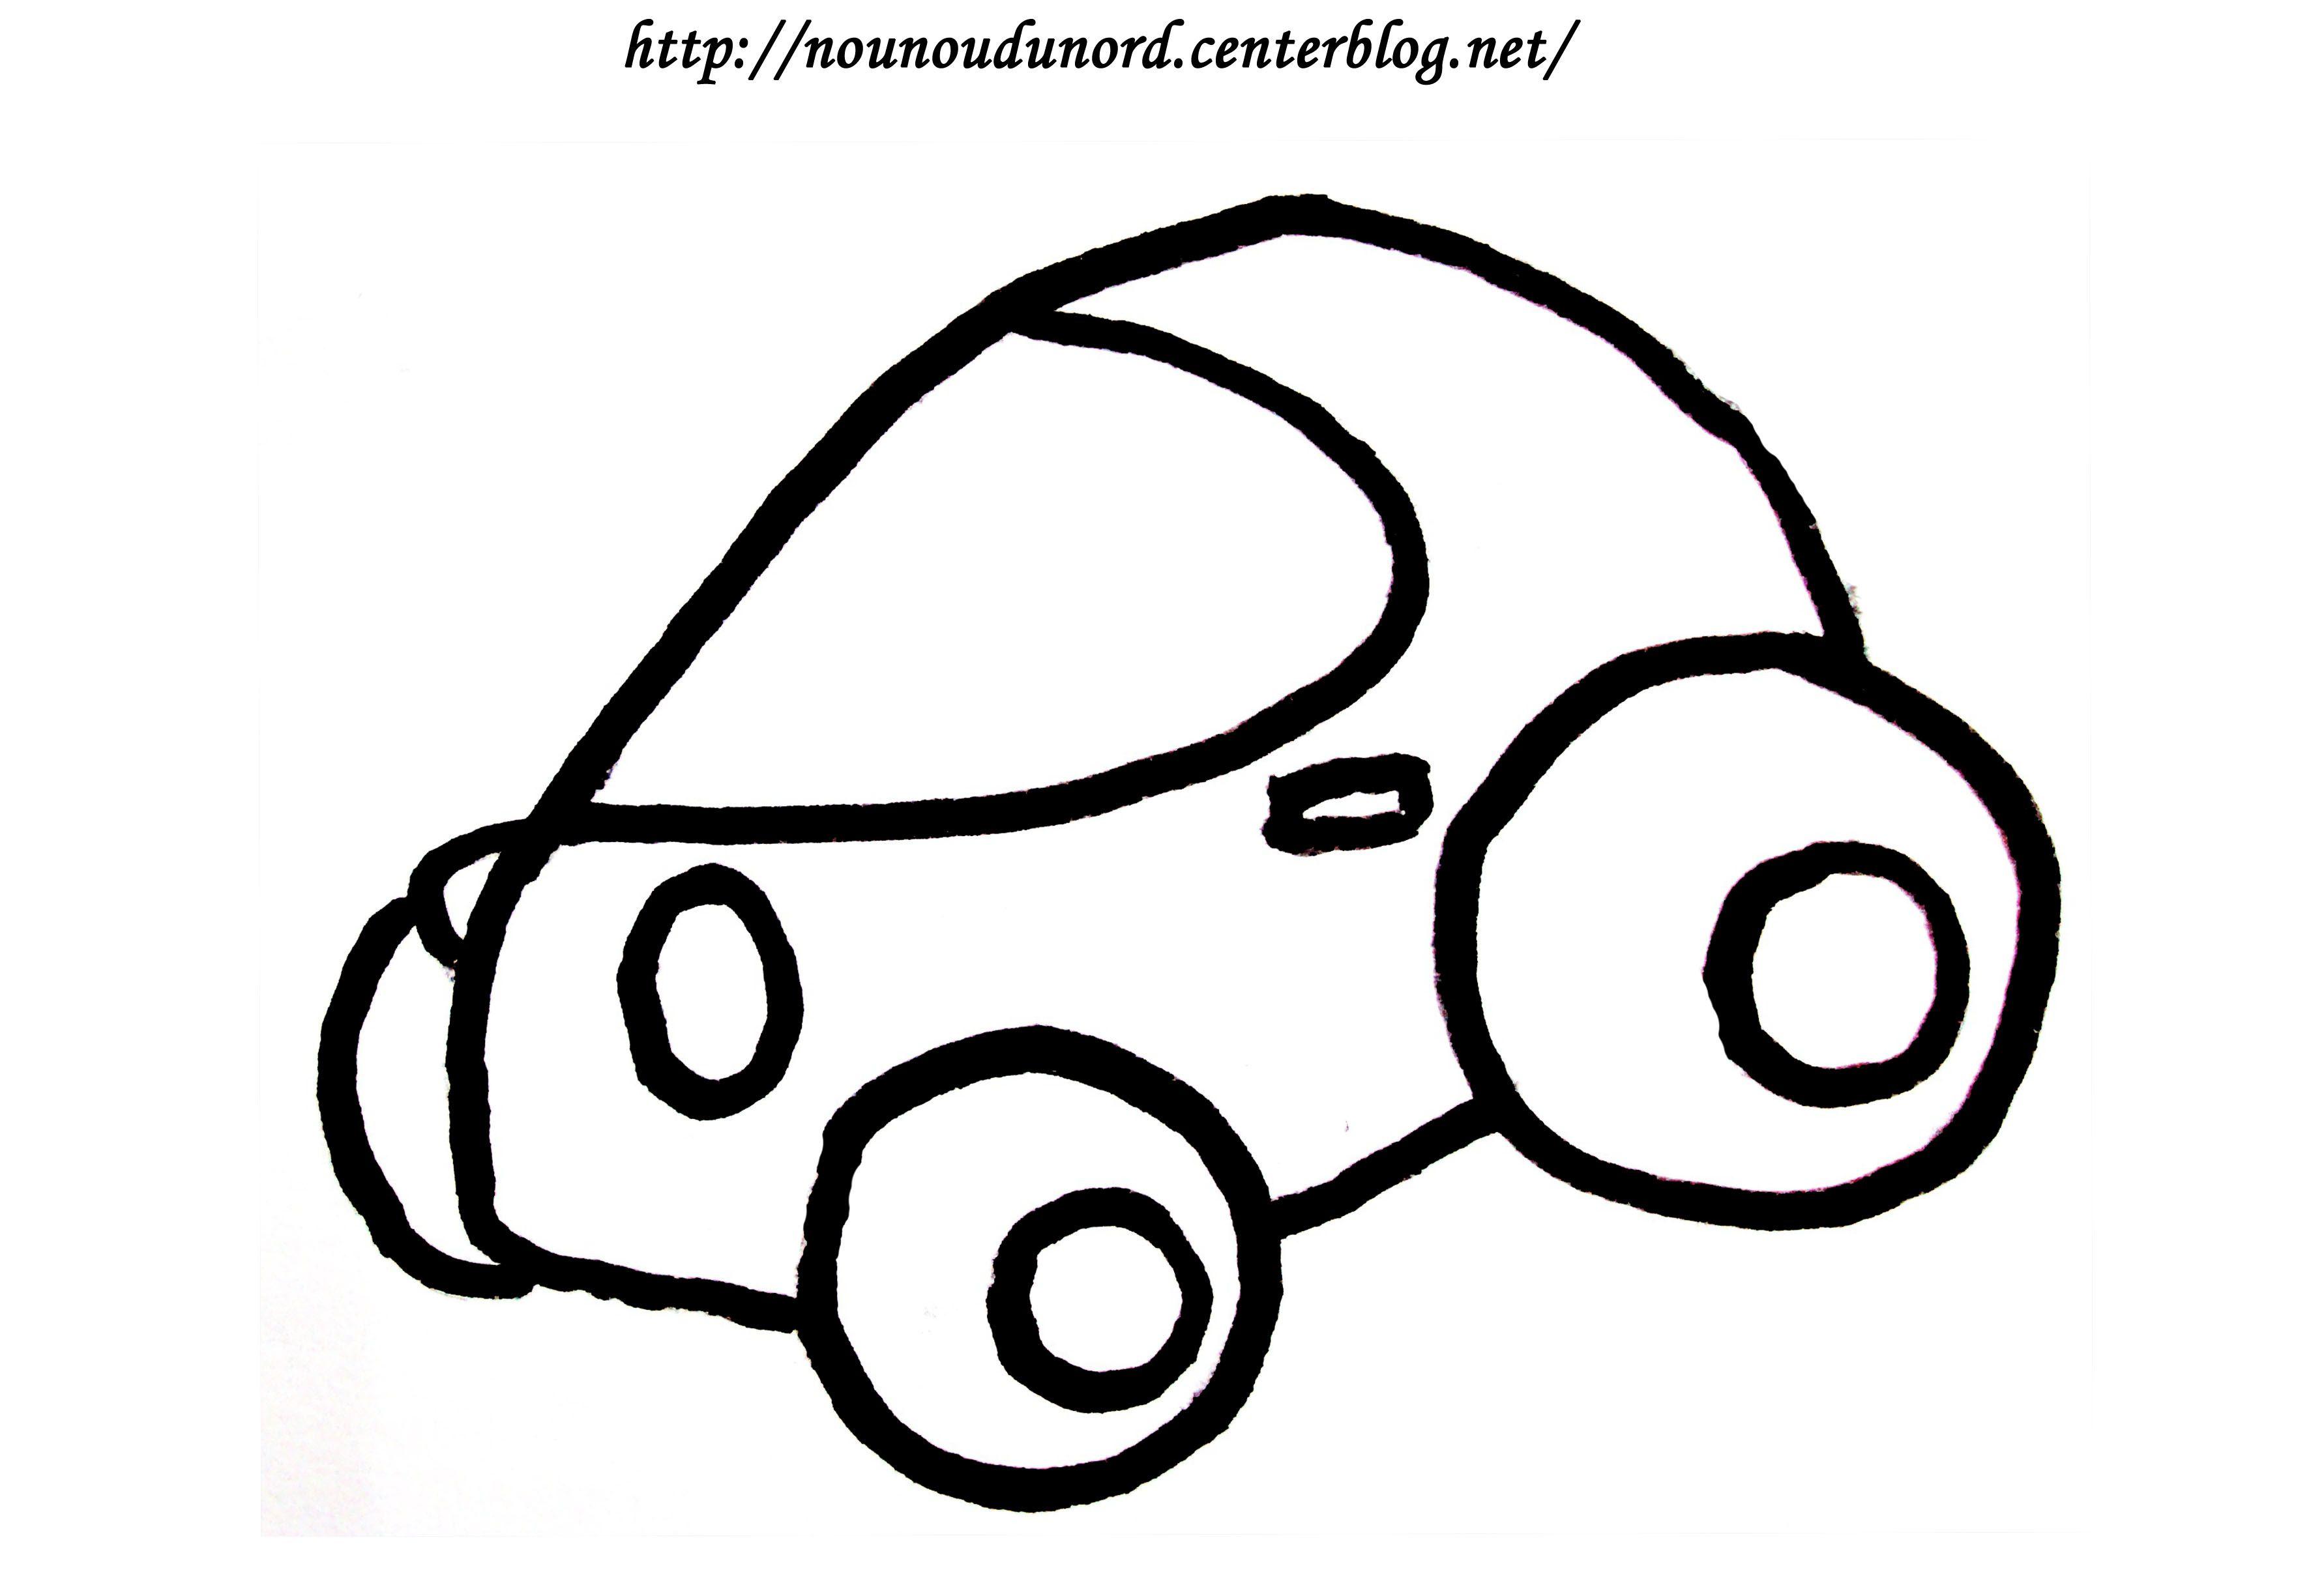 voiture de course dessiné par nounoudunord